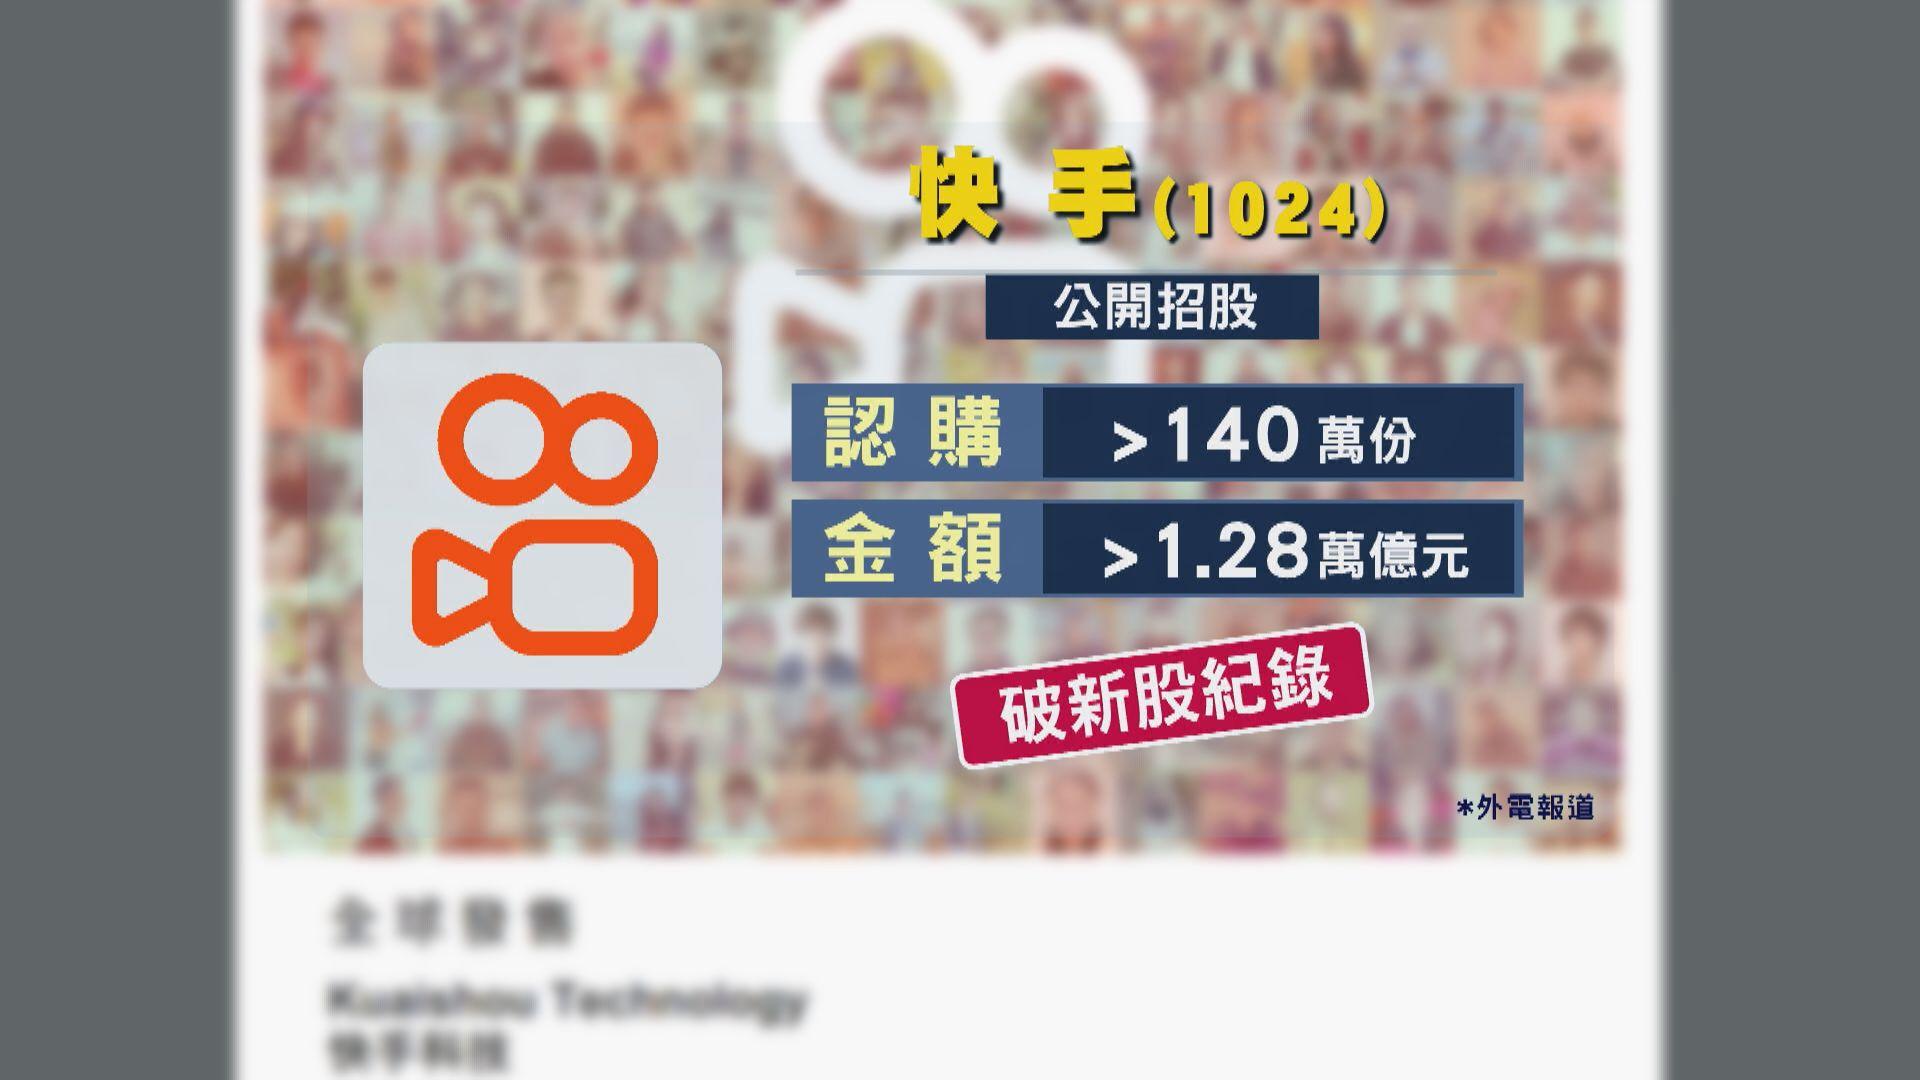 【新「雙料新股王」】逾140萬人搶快手 凍1.28萬億 傳上限定價